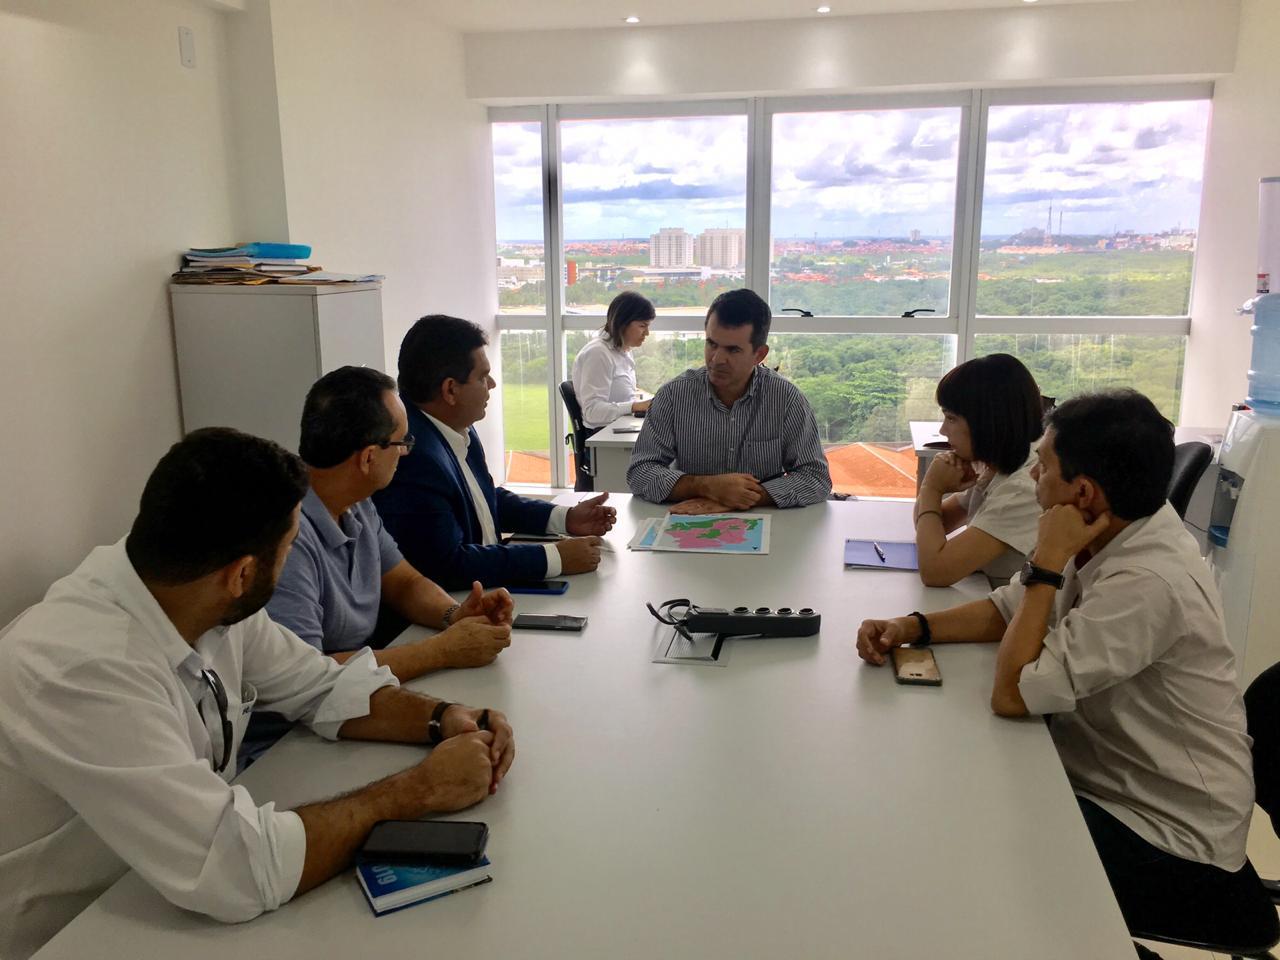 Diretoria do Sinduscon/MA apresenta projeto Container ao diretor de Contratos da Rota Nordeste EPC Associados